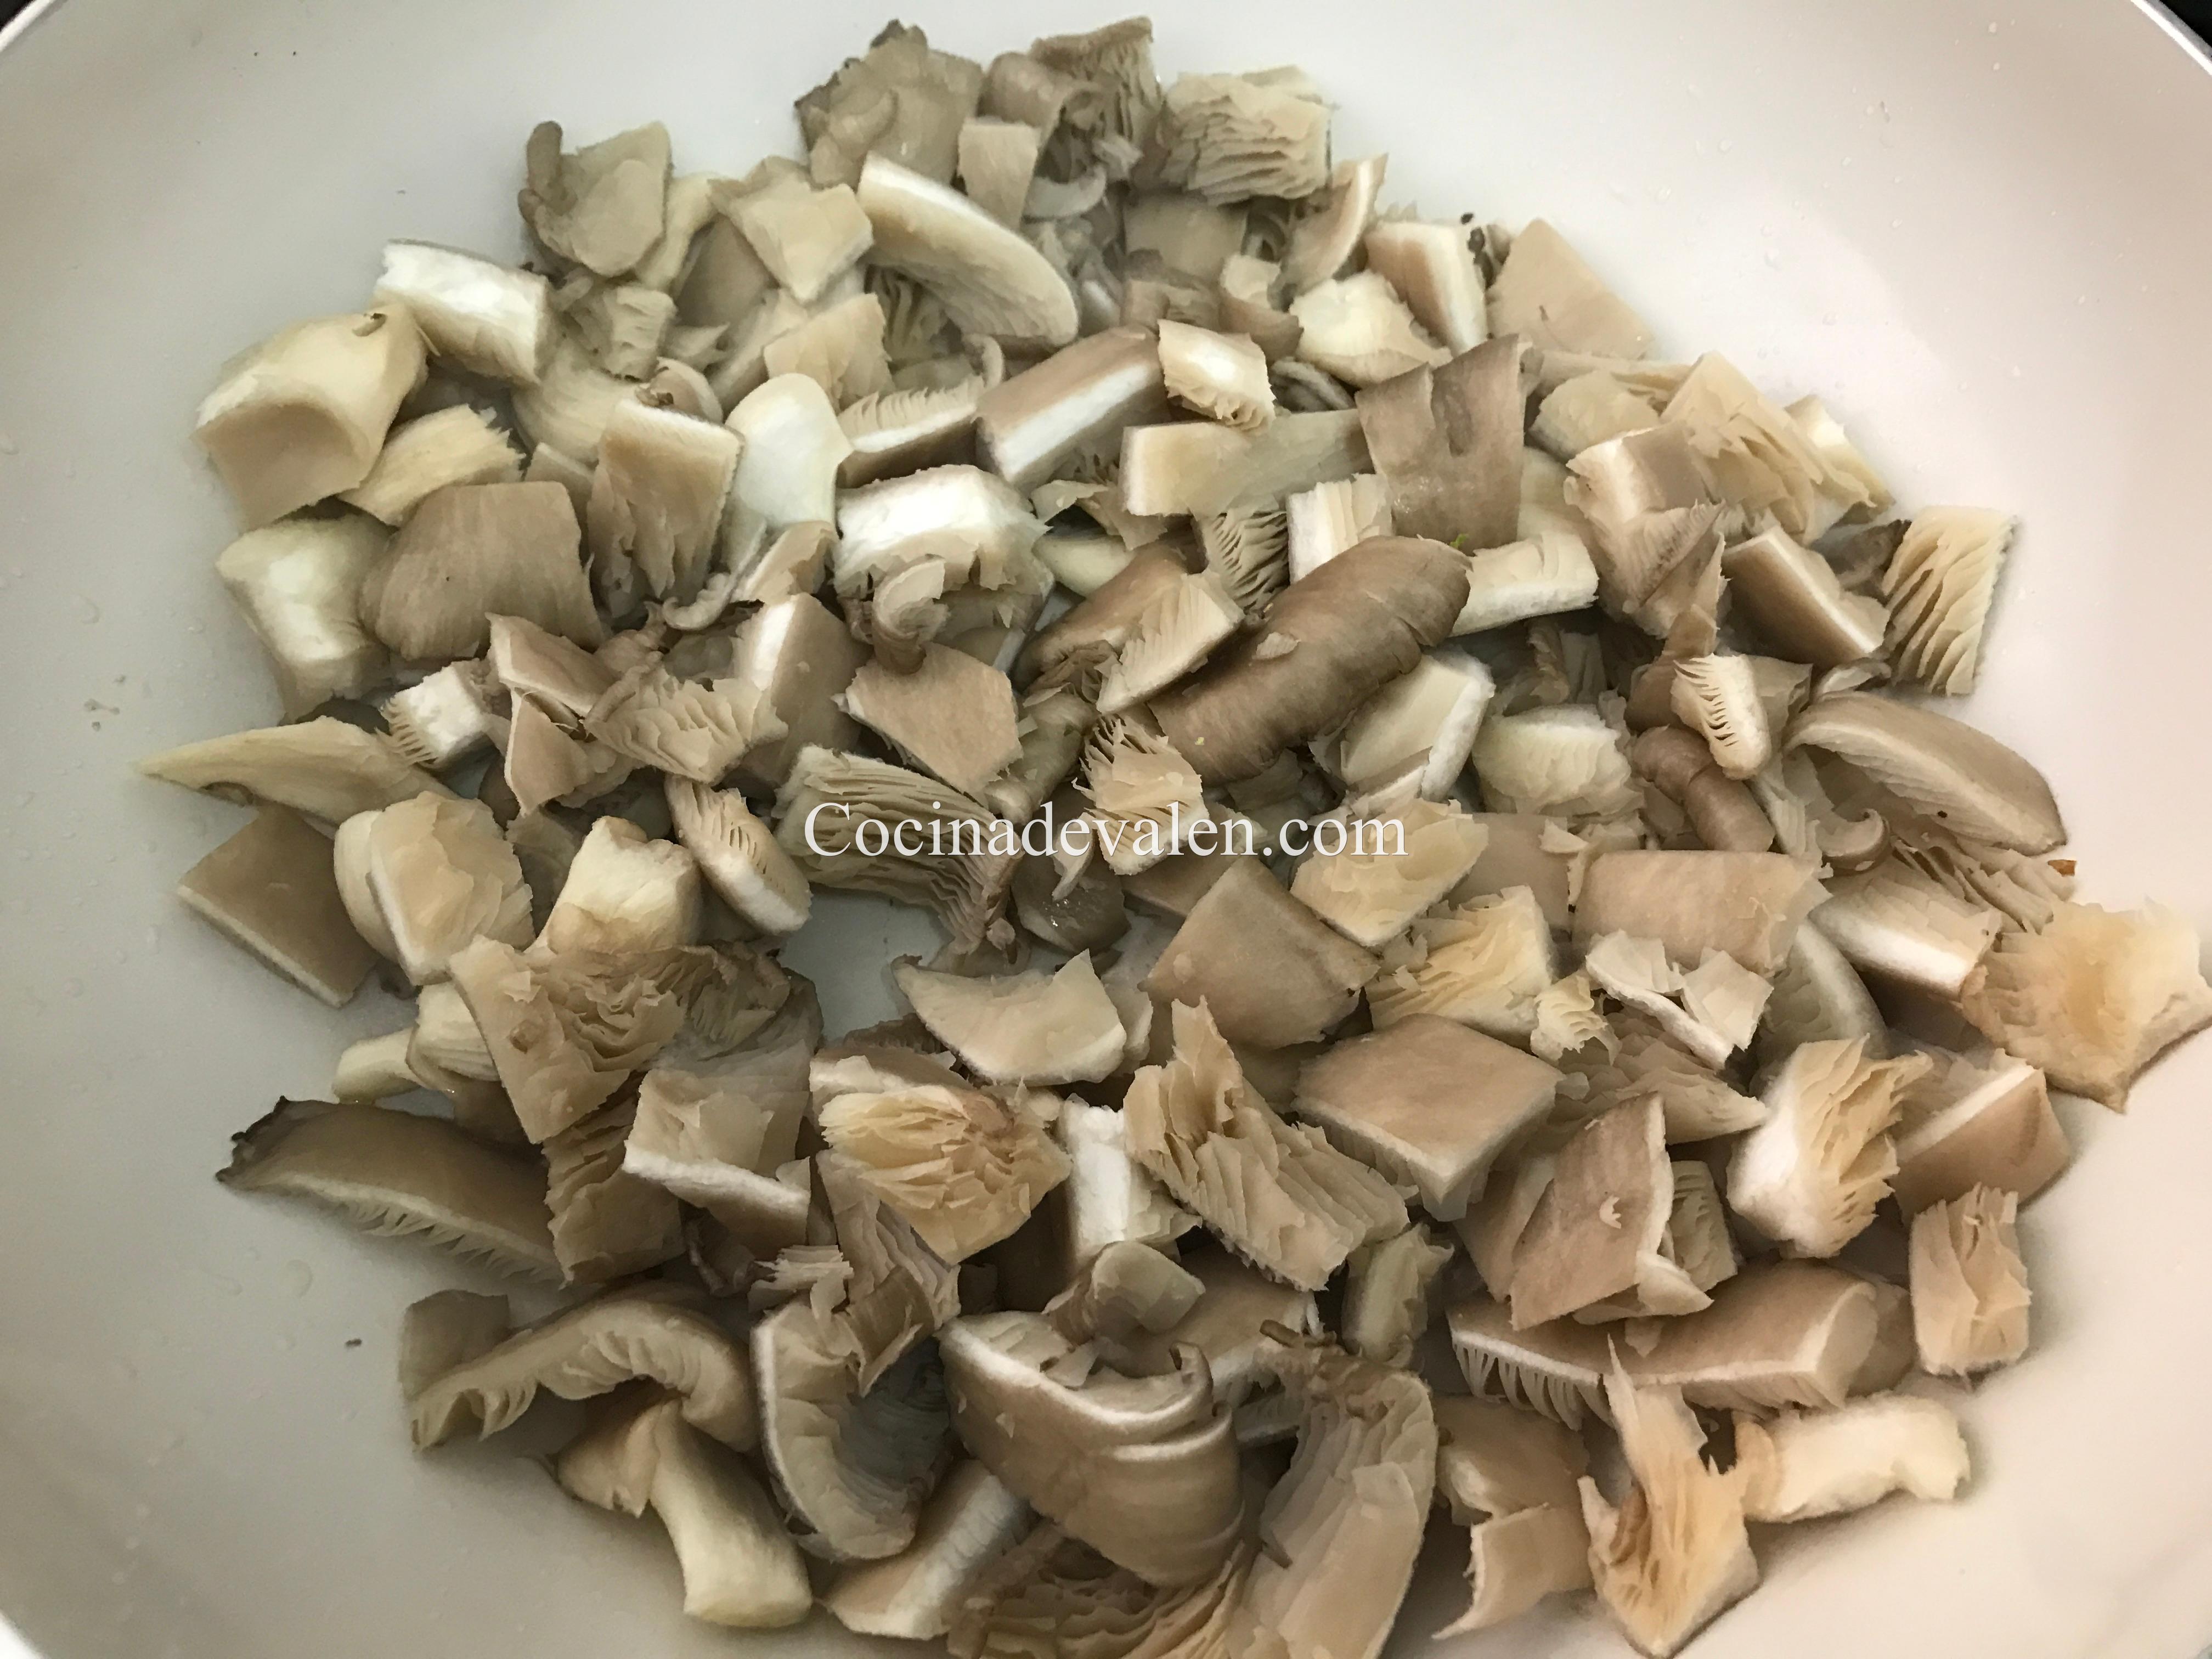 Tallarines salteados con Pak choi y pollo - Cocina de Valen